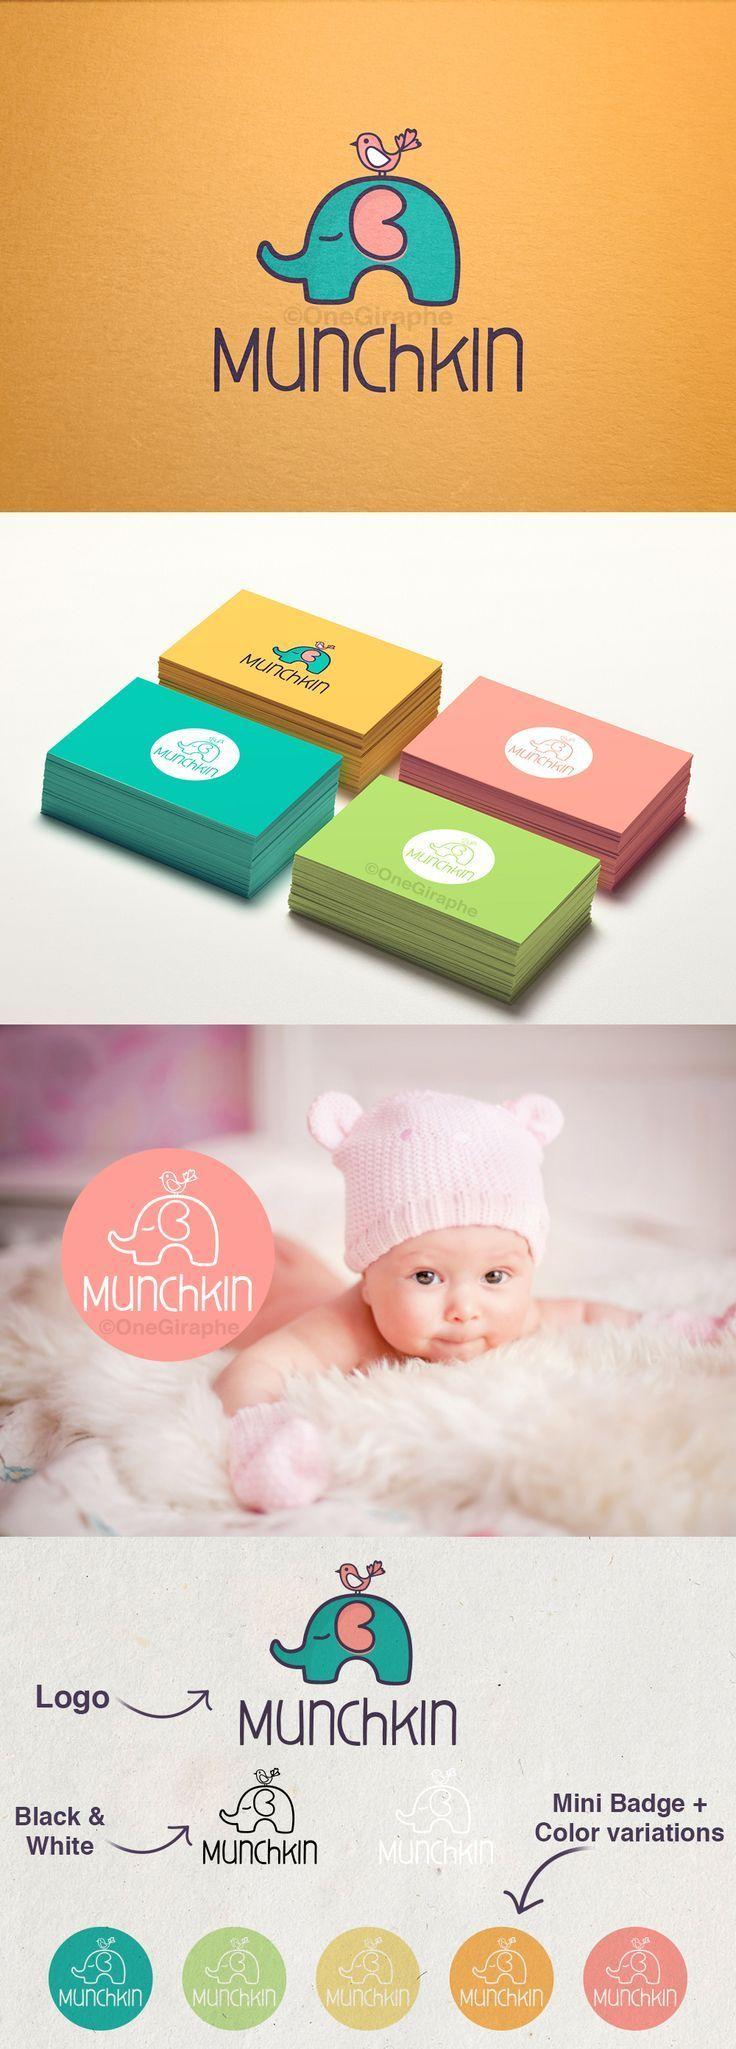 Munchkin Branding by OneGiraphe